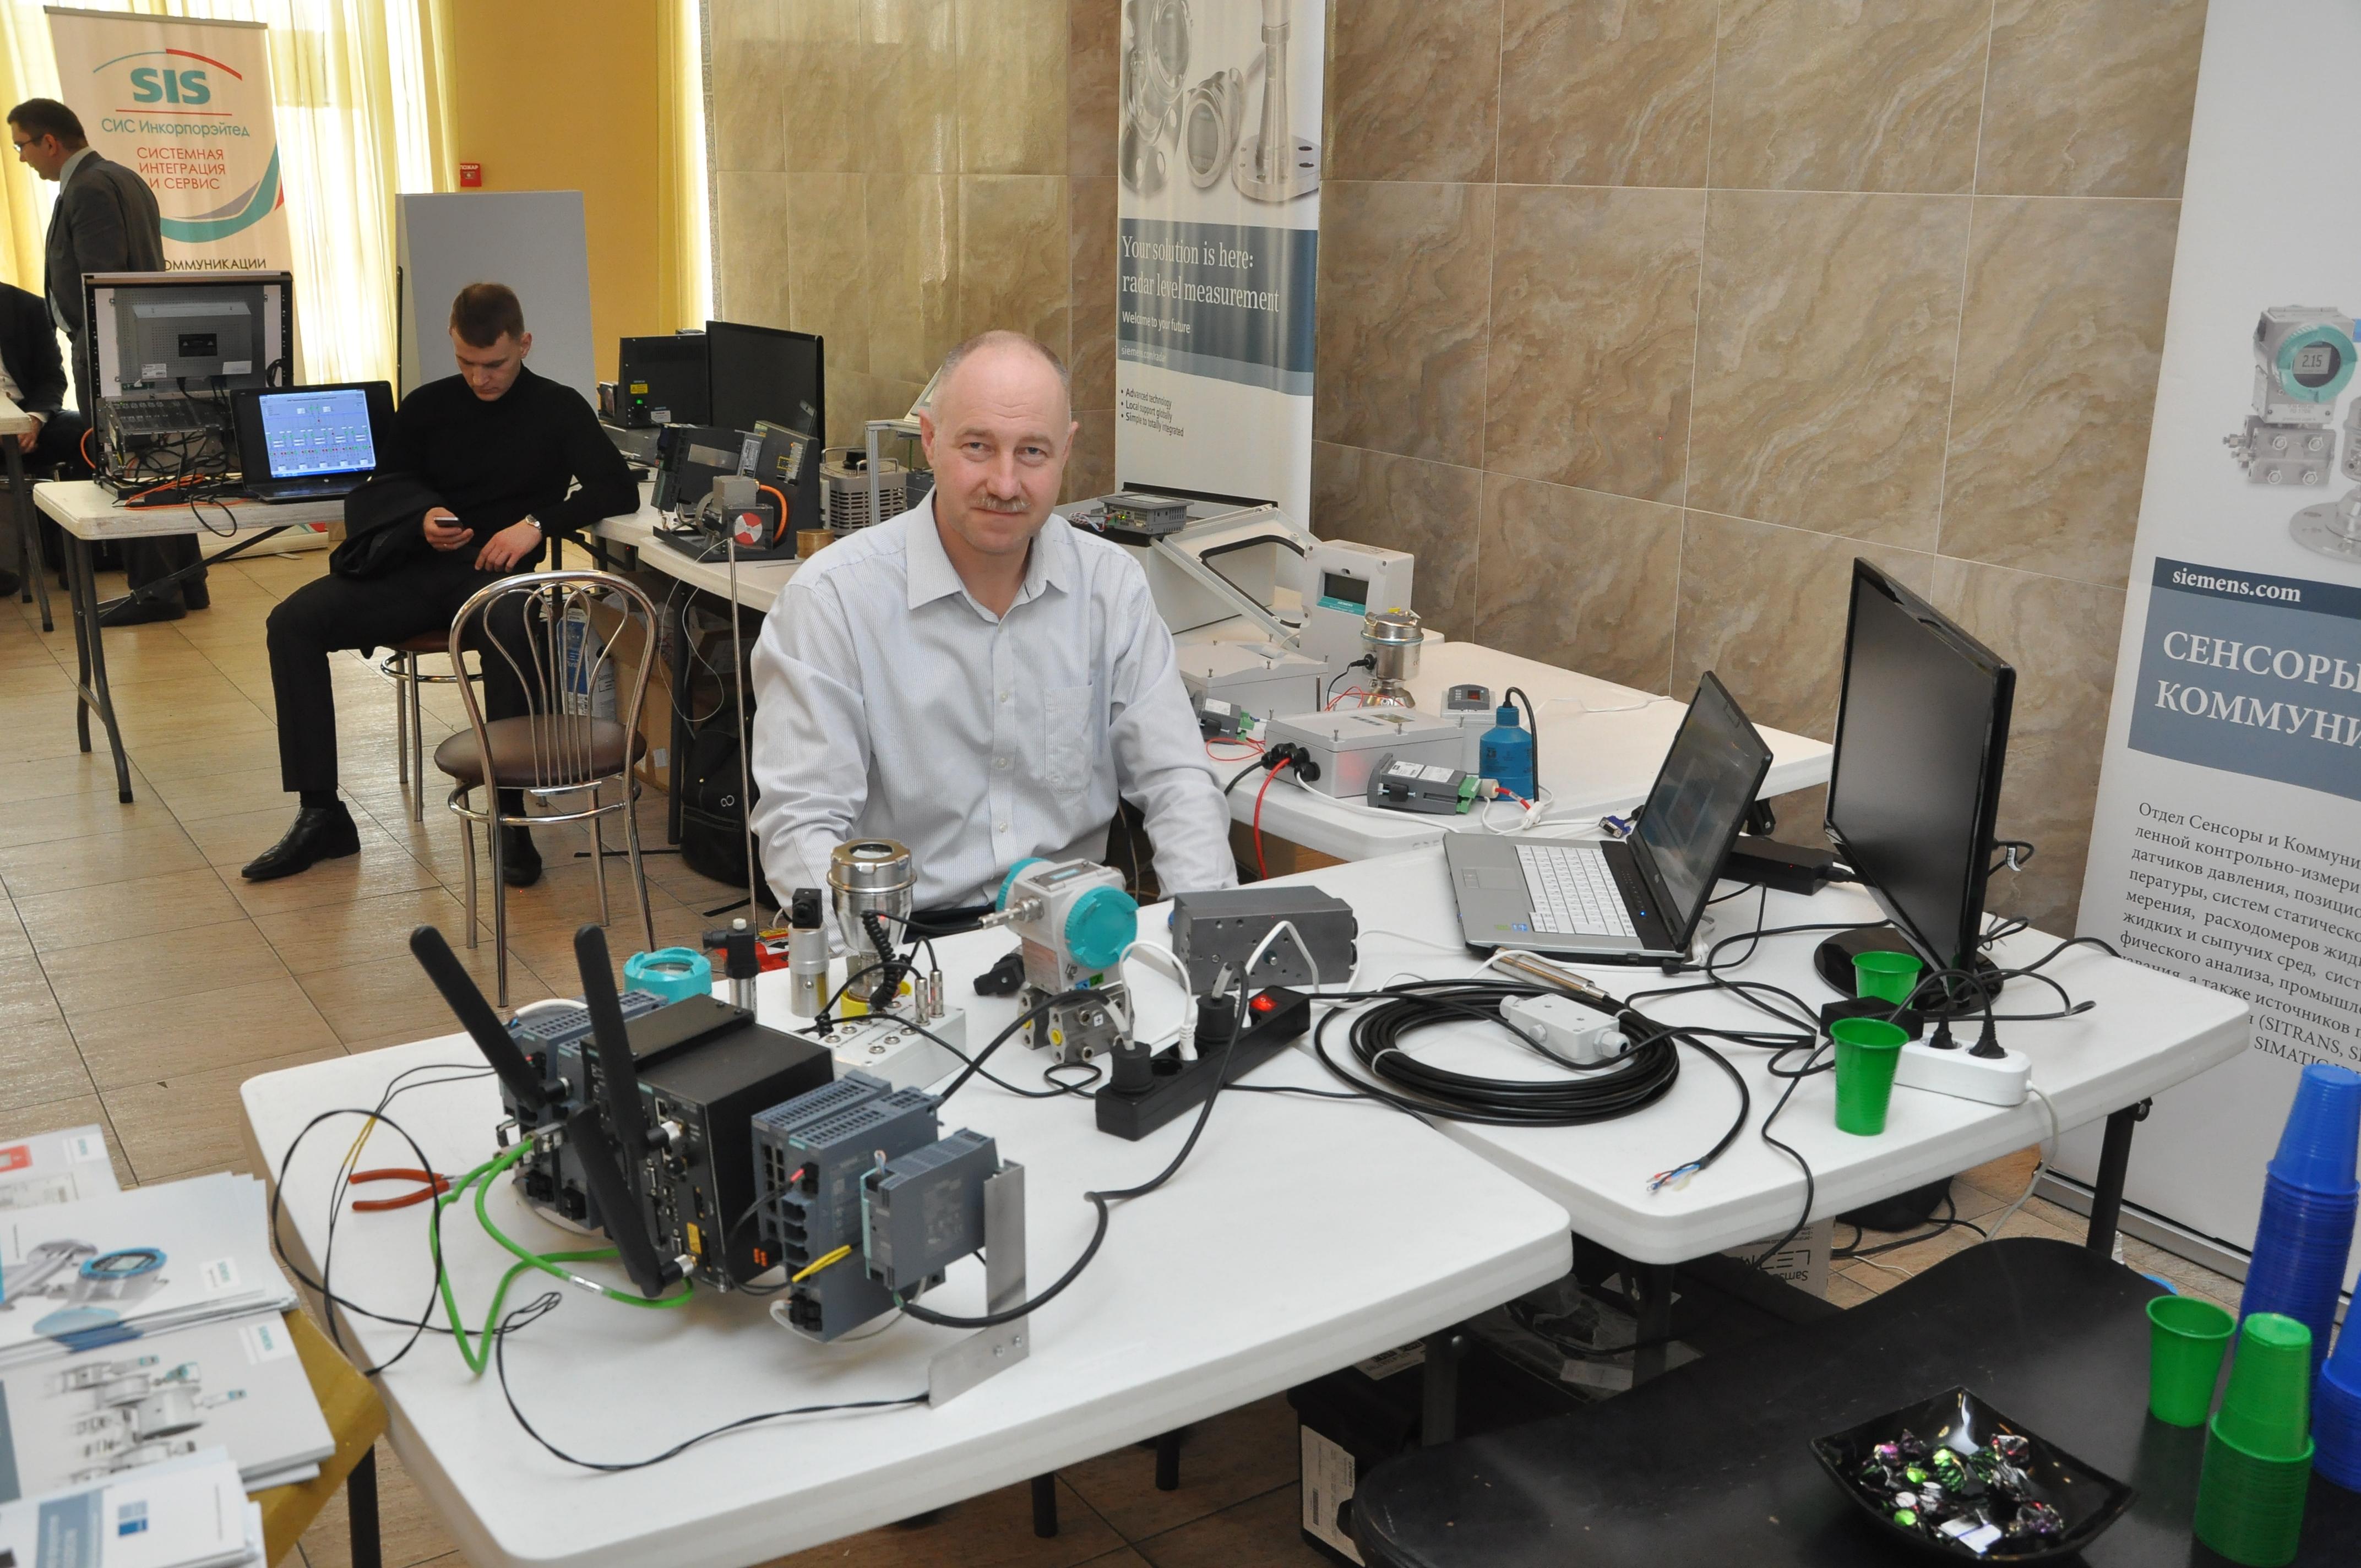 """Выставка """"Автоматизация и информационные технологии 2017"""", организованная при поддержке """"Норникеля"""", открылась в Норильске"""